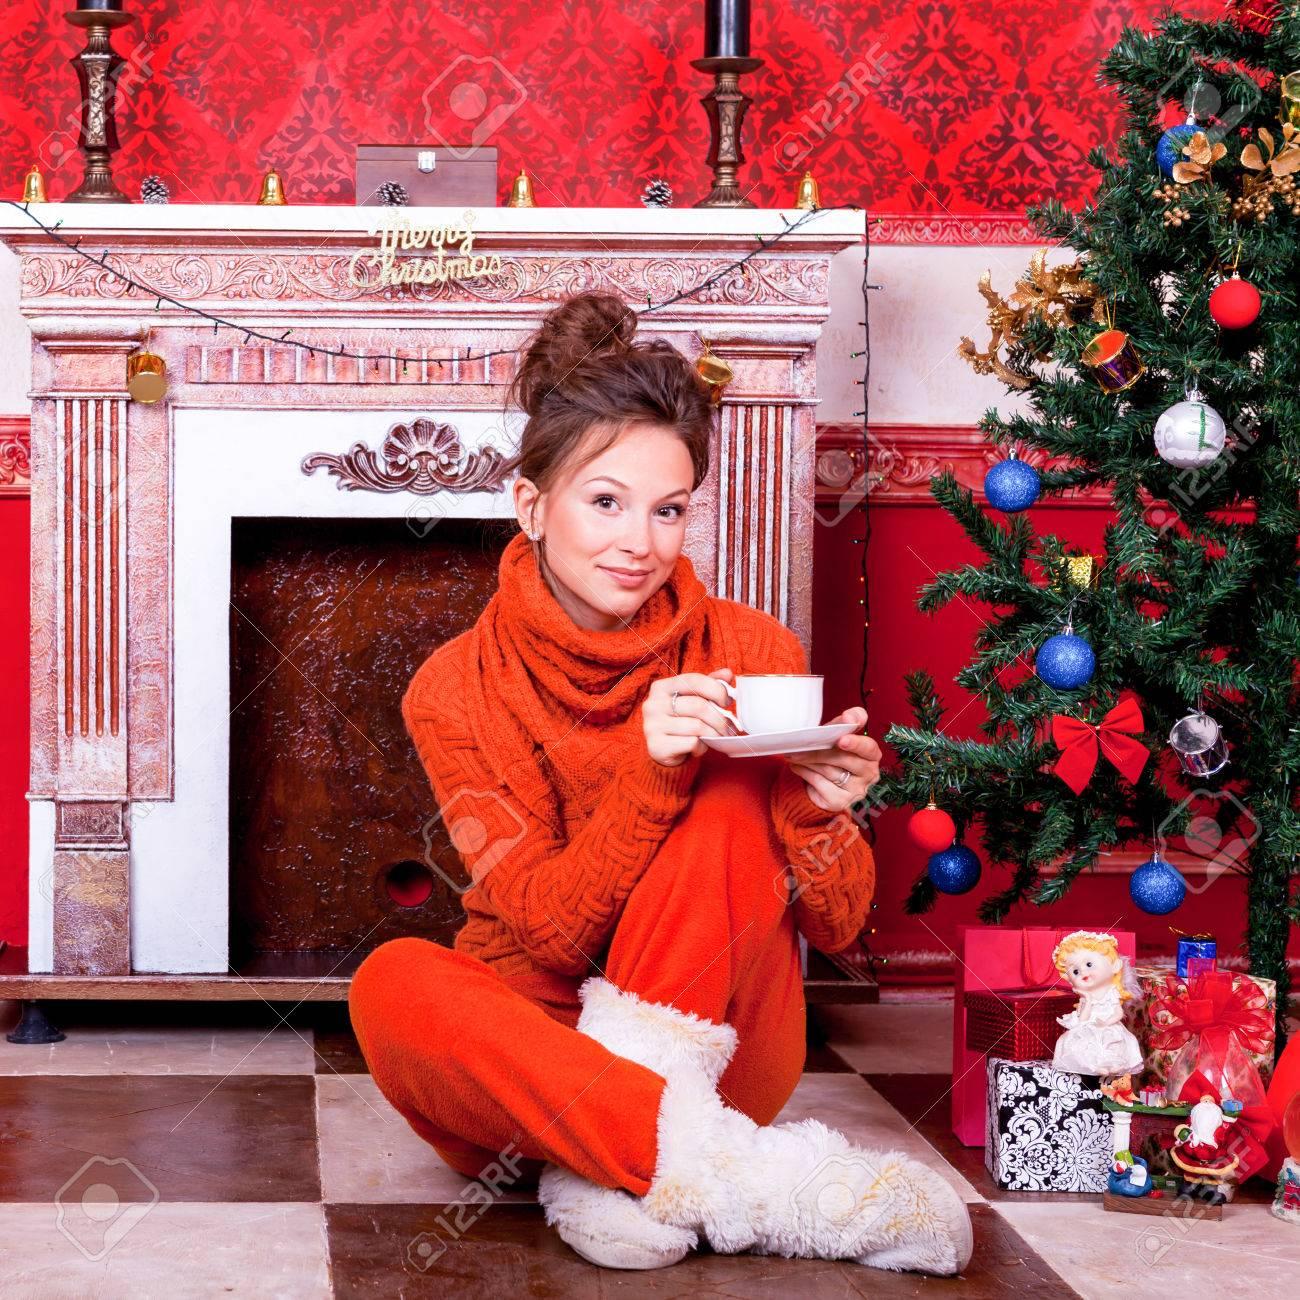 Schönes Mädchen In Einem Roten Vintage-Zimmer Mit Weihnachtsdekor ...